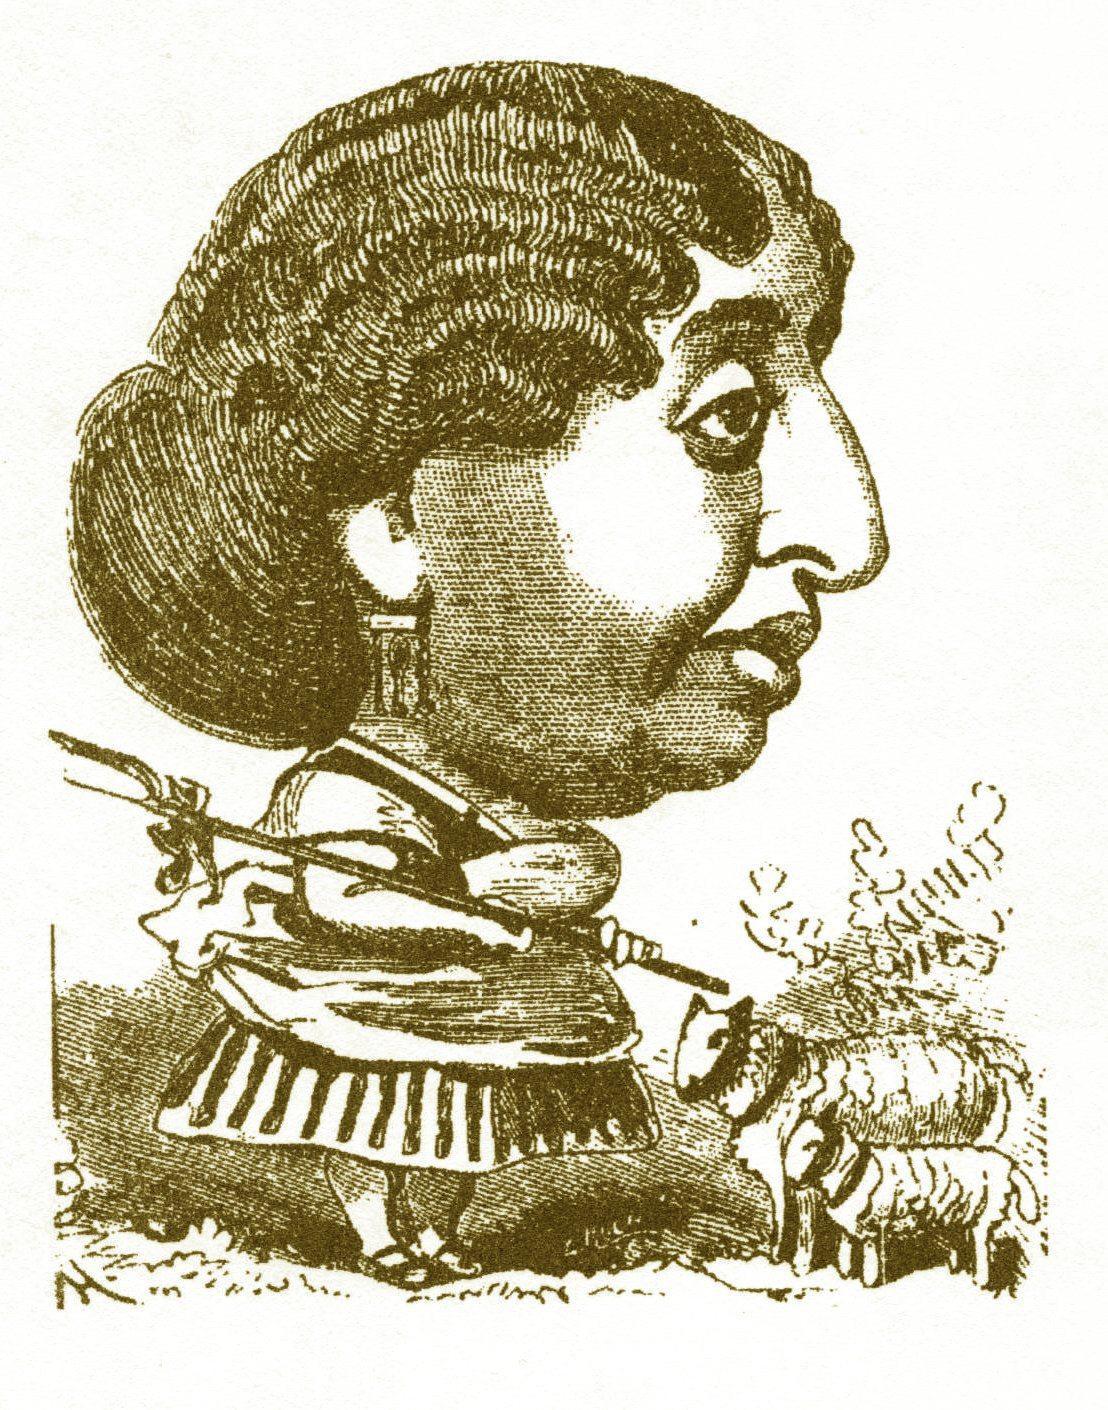 Une caricature de George Sand, parue en 1873 dans Le trombinoscope par Touchatout. (DR)